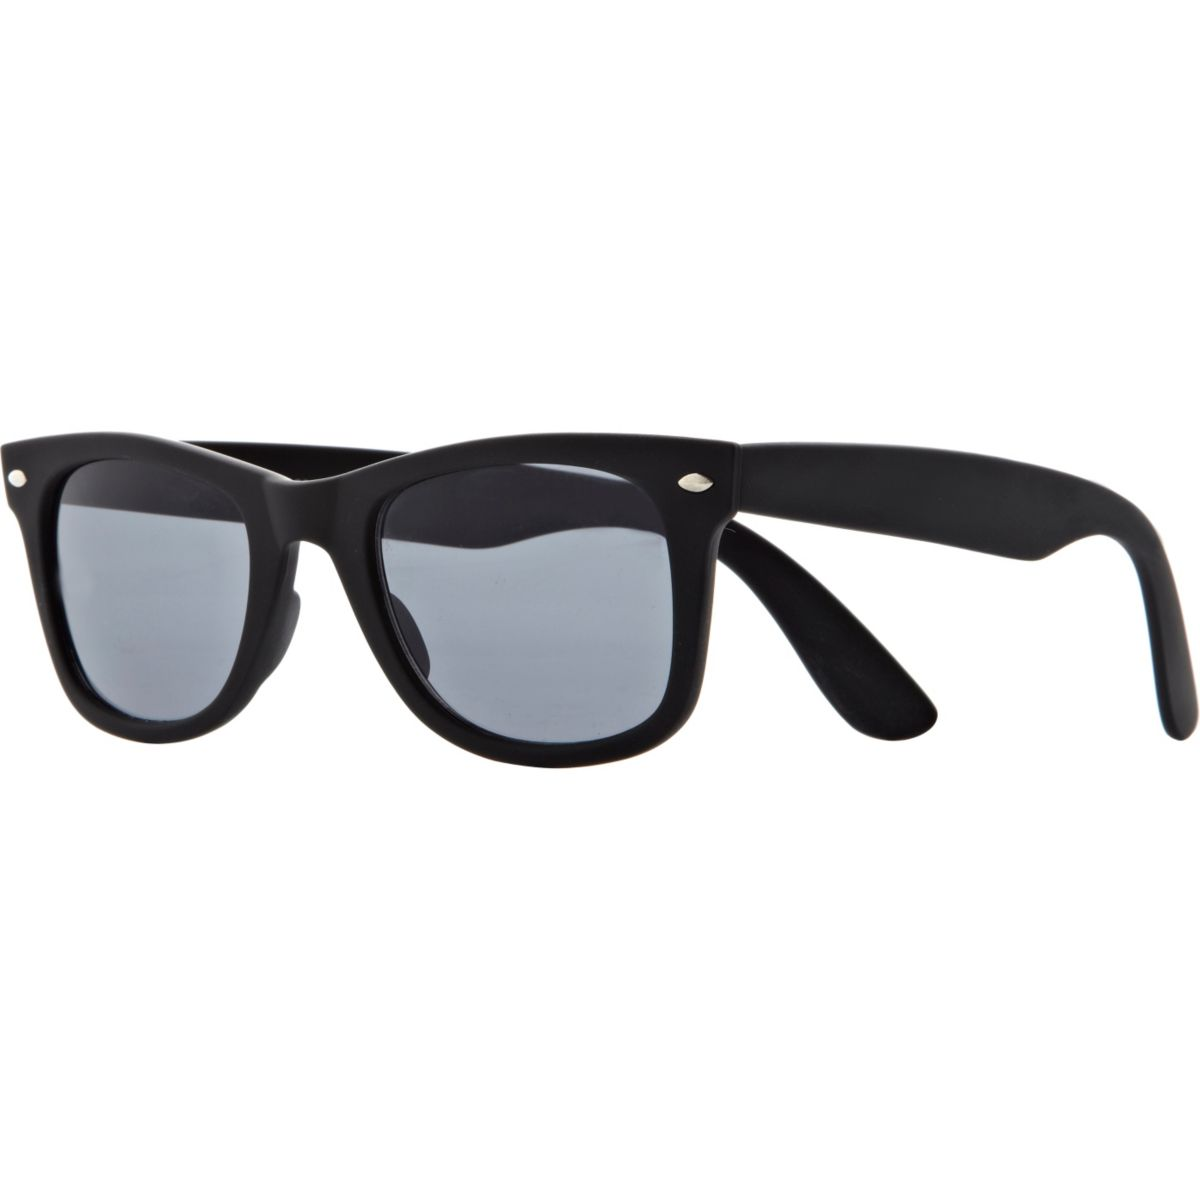 Black matte retro sunglasses